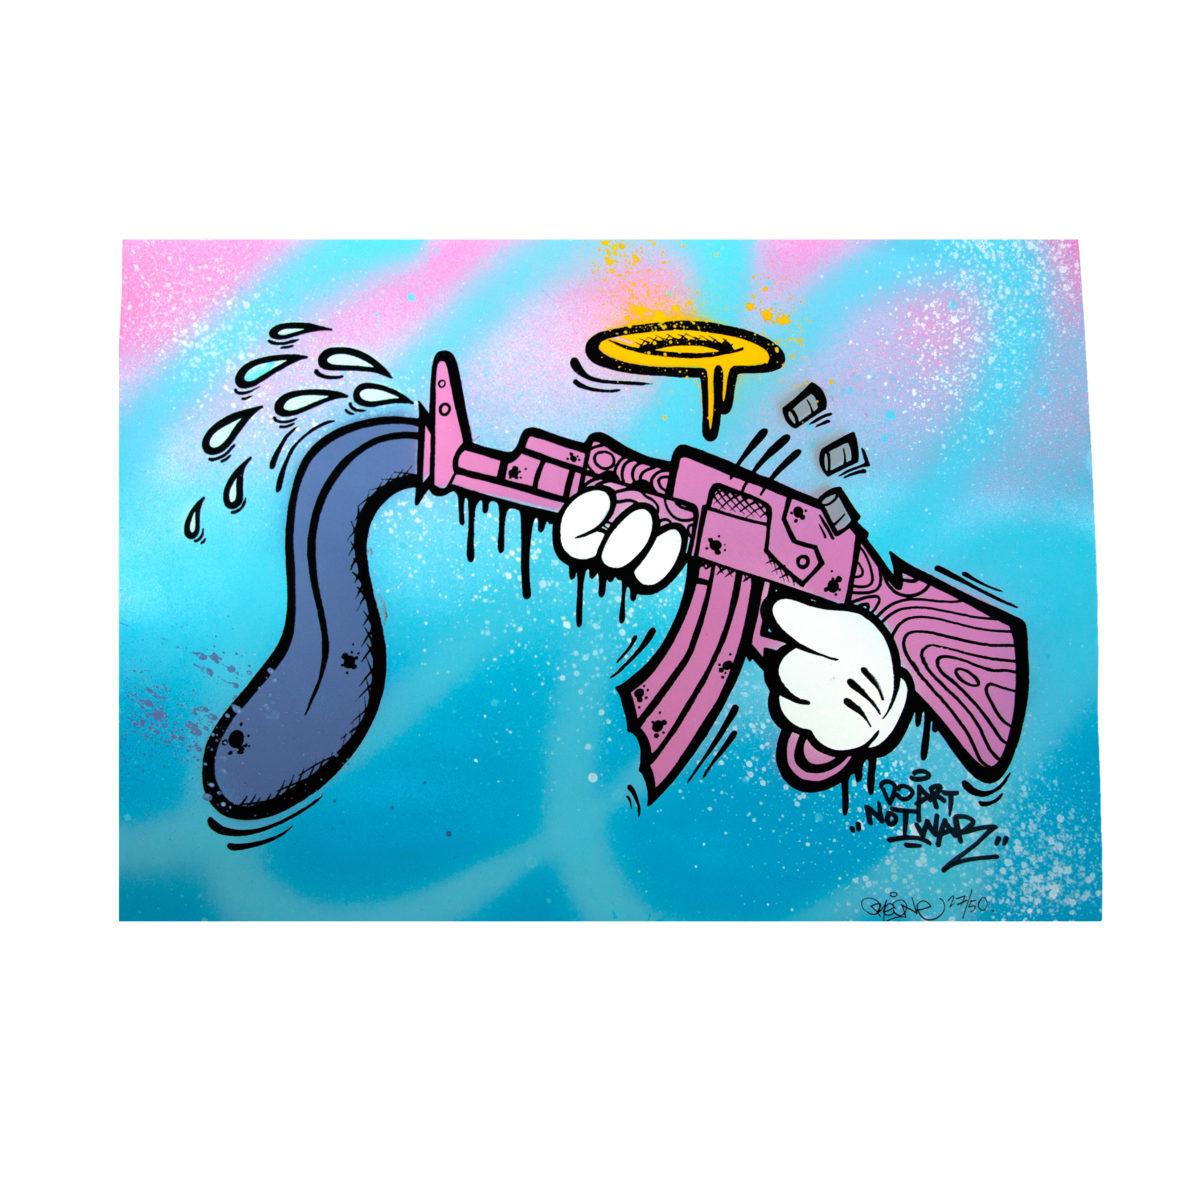 Do art not war 27/50 by Endzlab